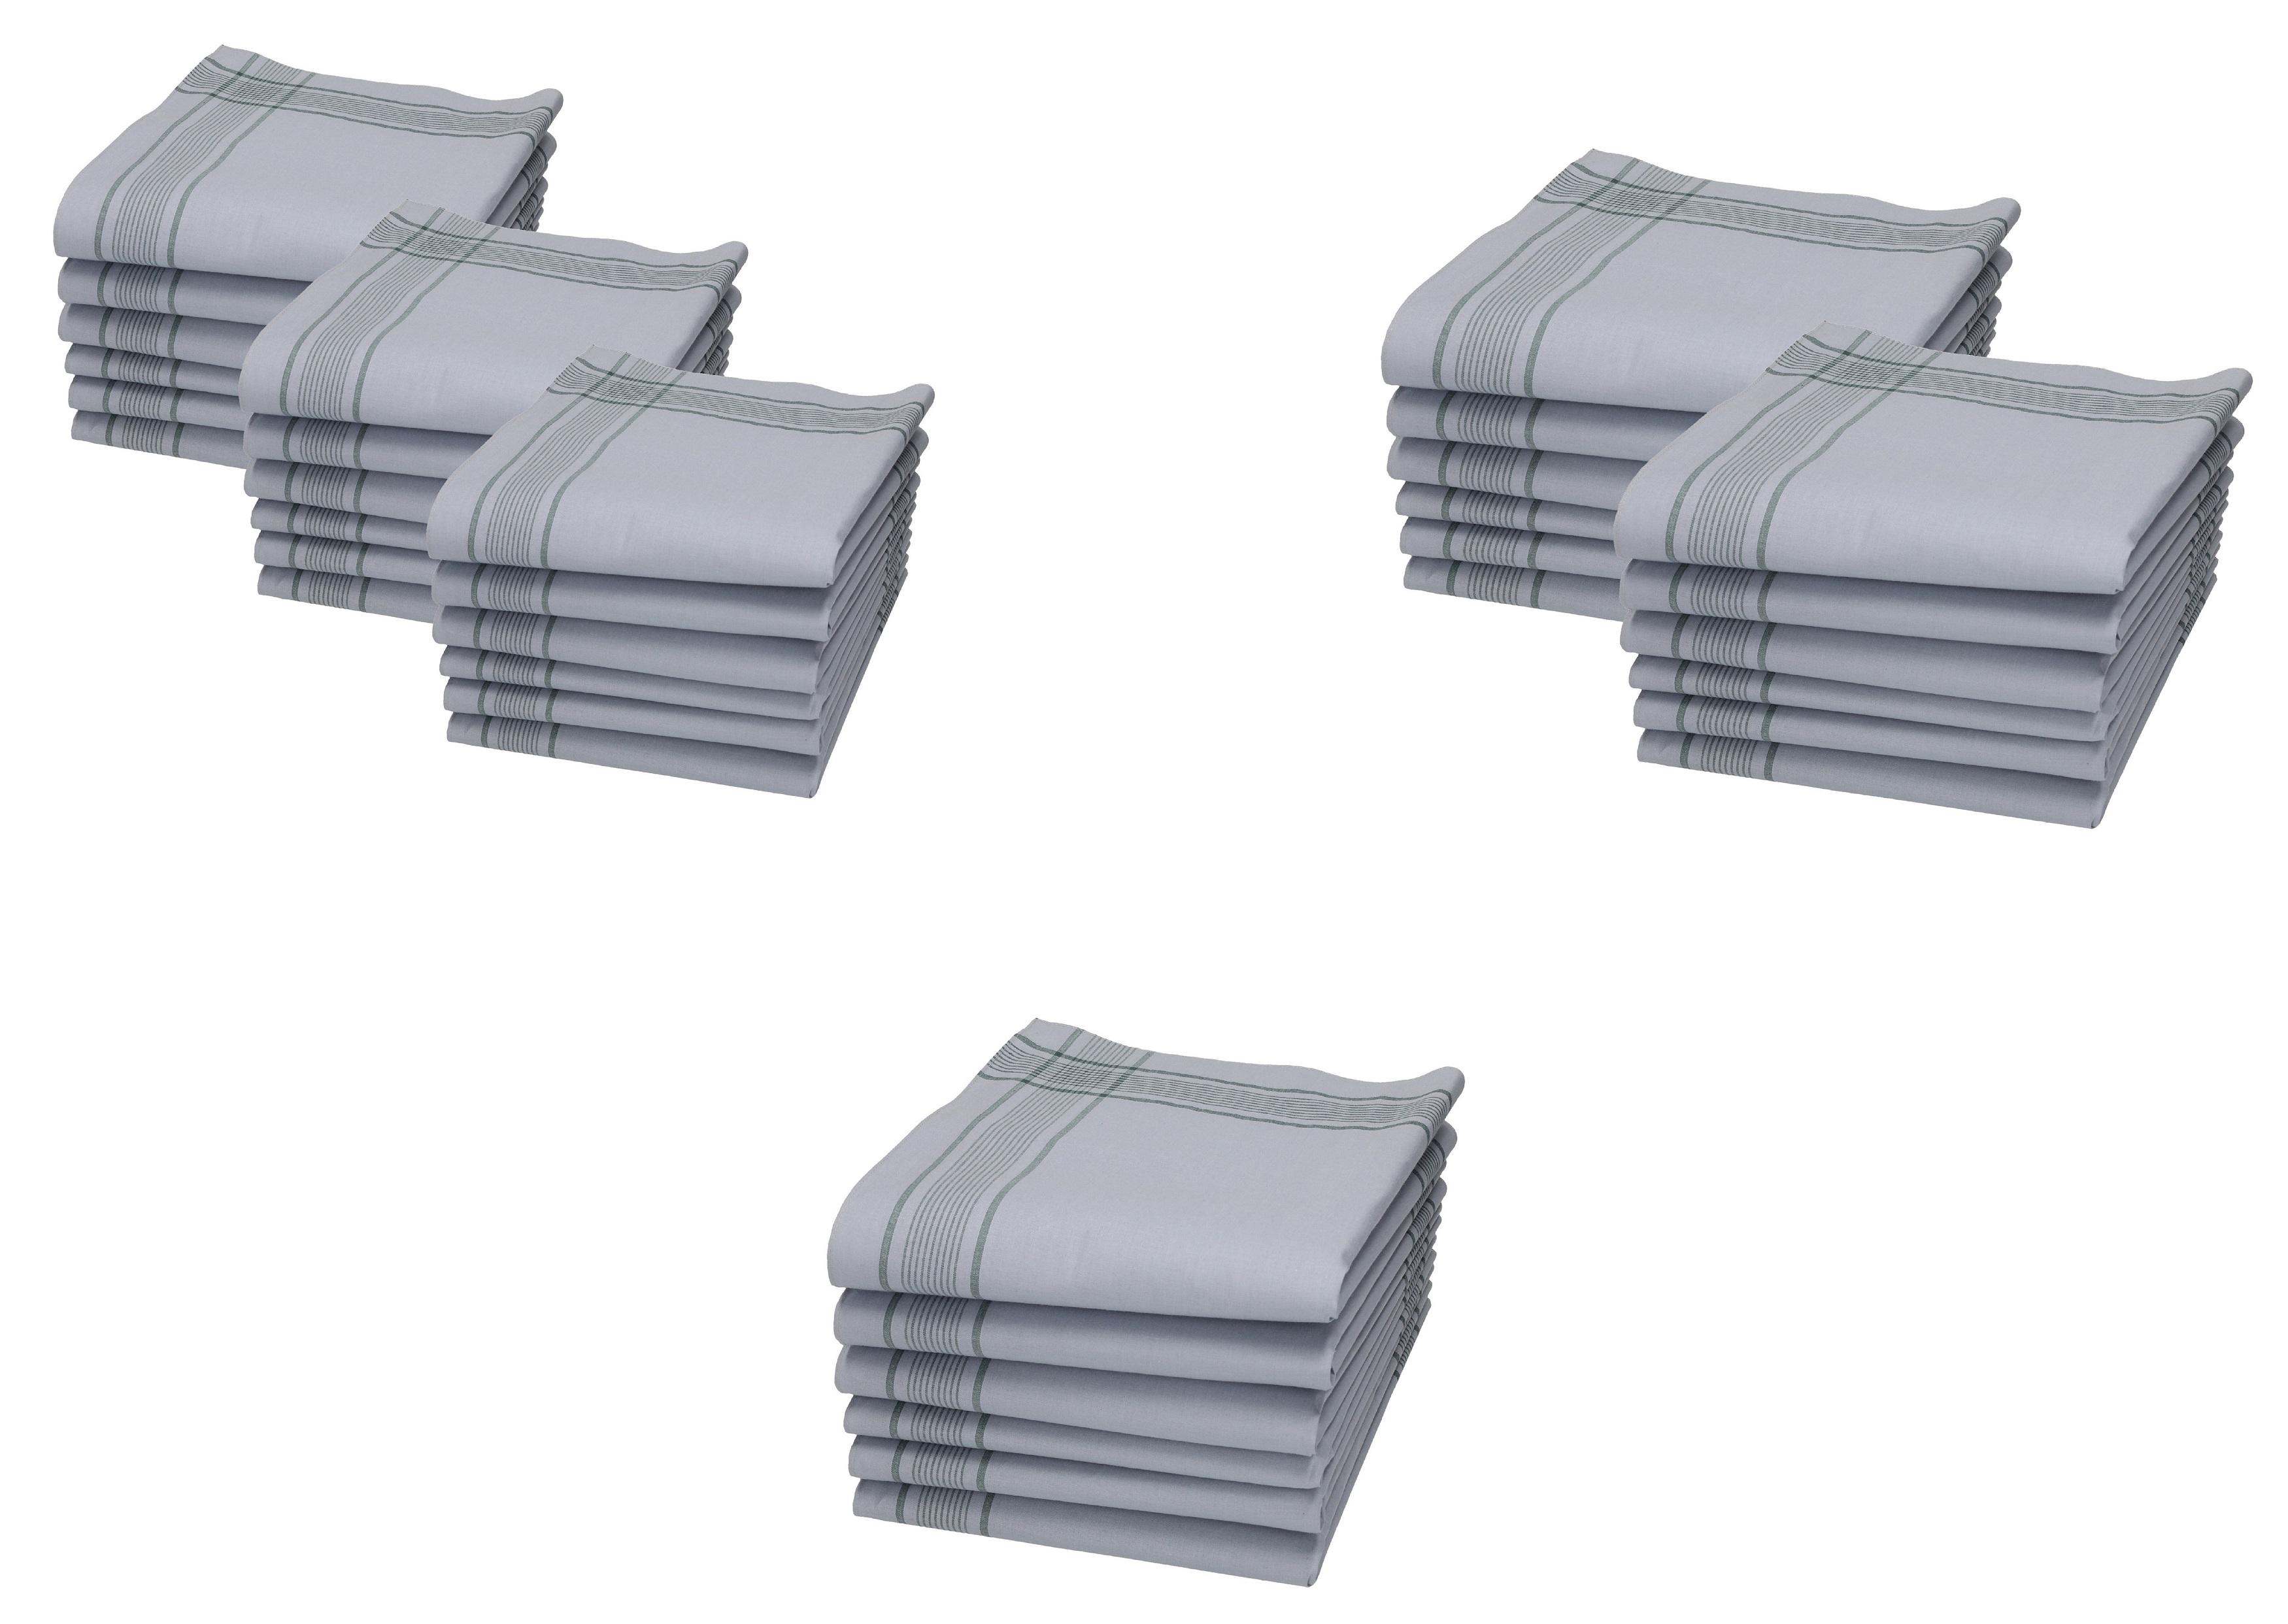 4 Stück Bundeswehrtaschentücher 50x50cm Herren Taschentuch Stofftaschentücher